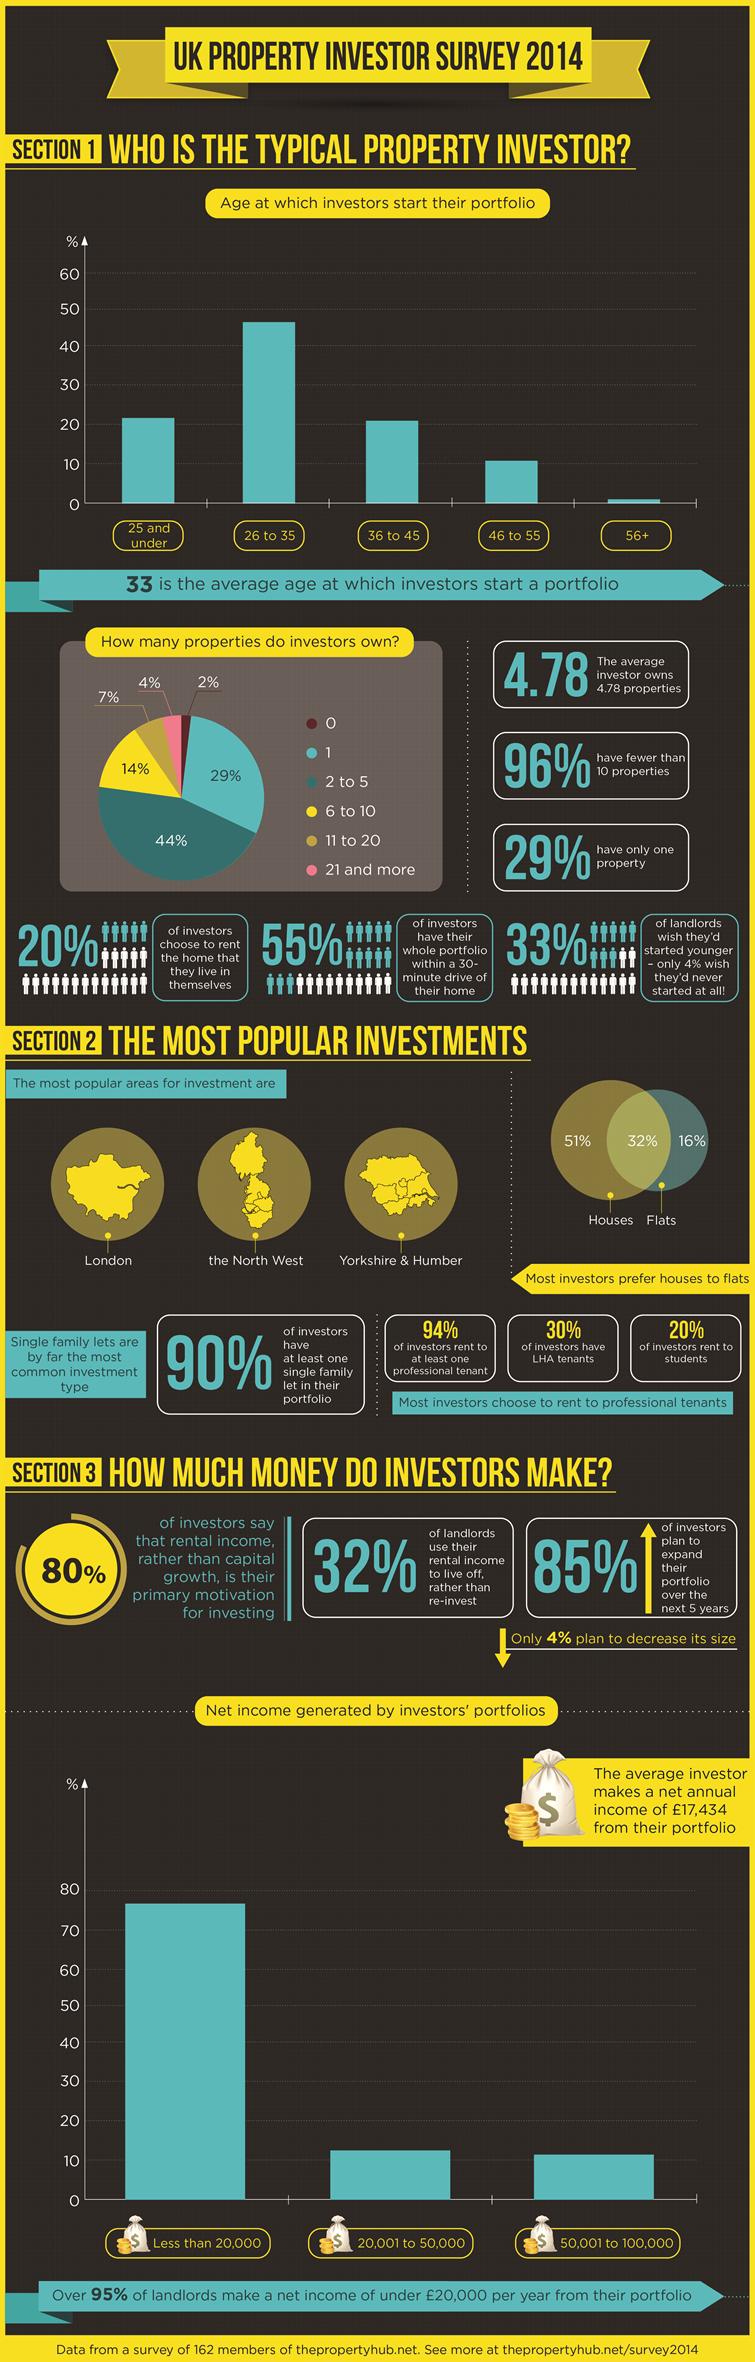 UK Property Investor Survey 2014